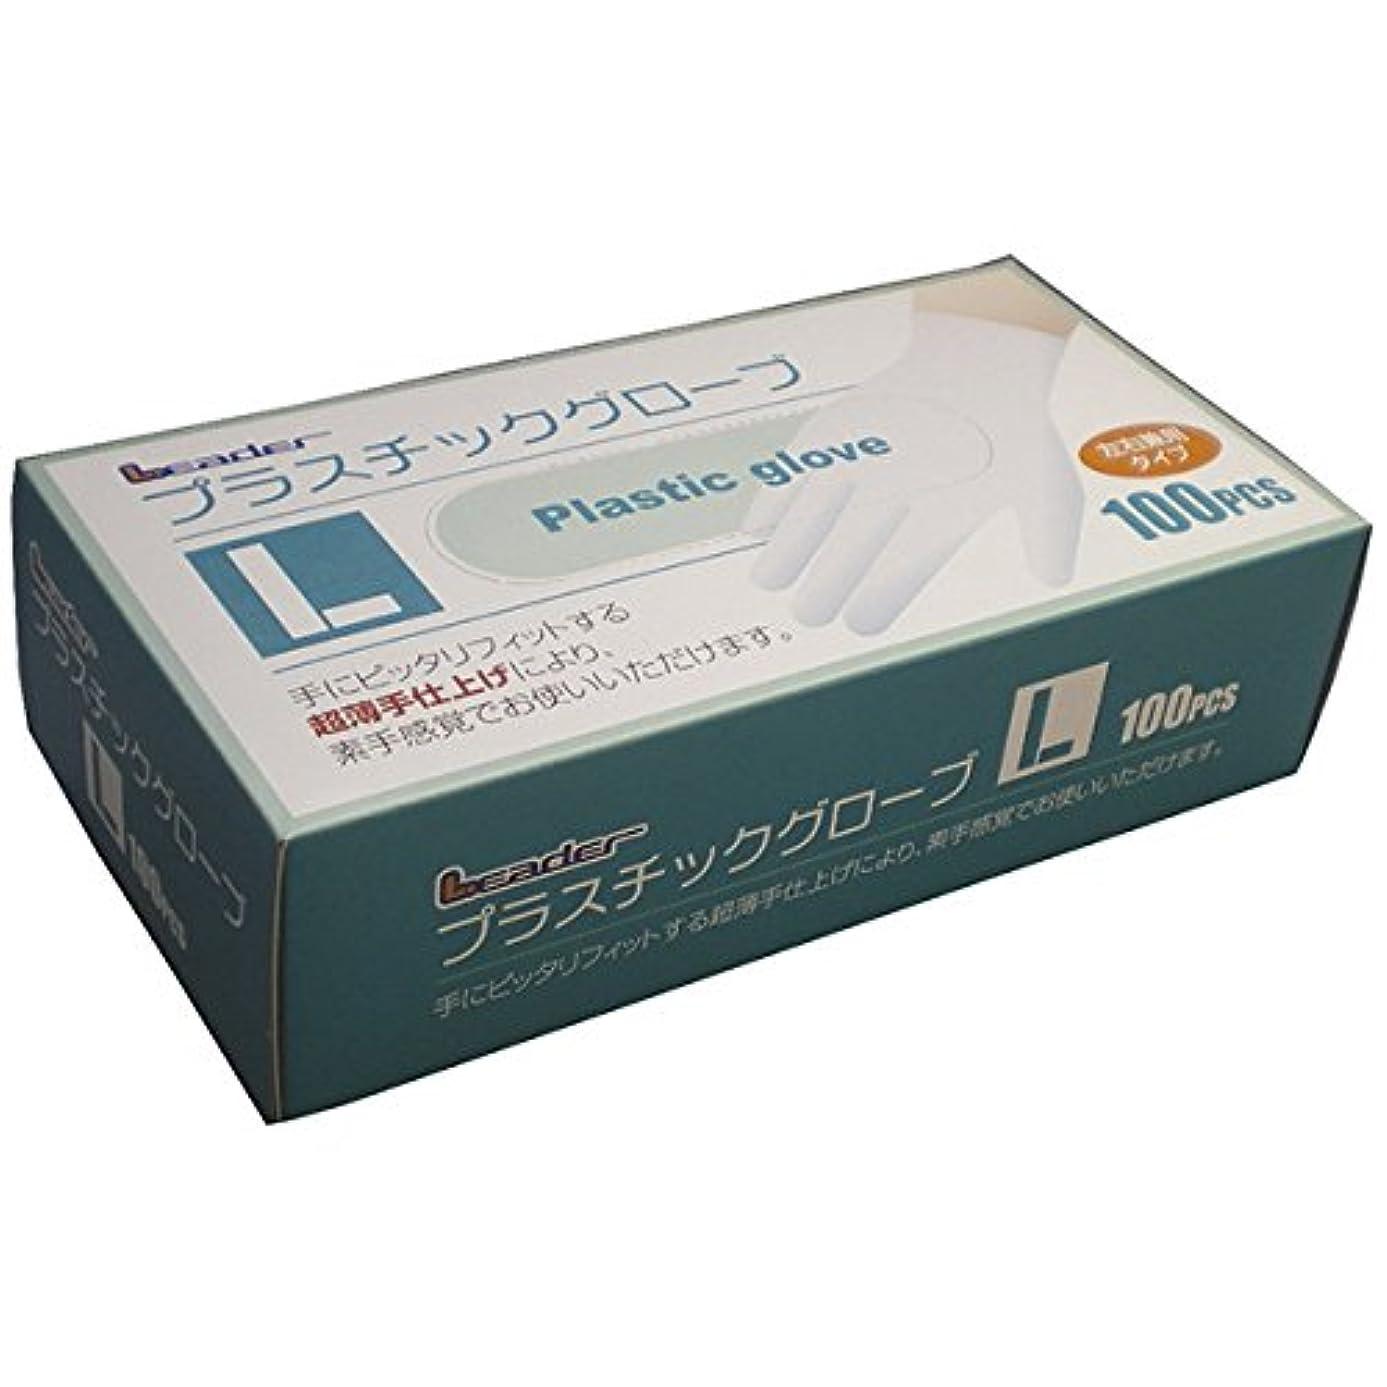 寄稿者性格振り返る日進医療器株式会社:LEプラスチックグローブLサイズ100P 10個入 784493